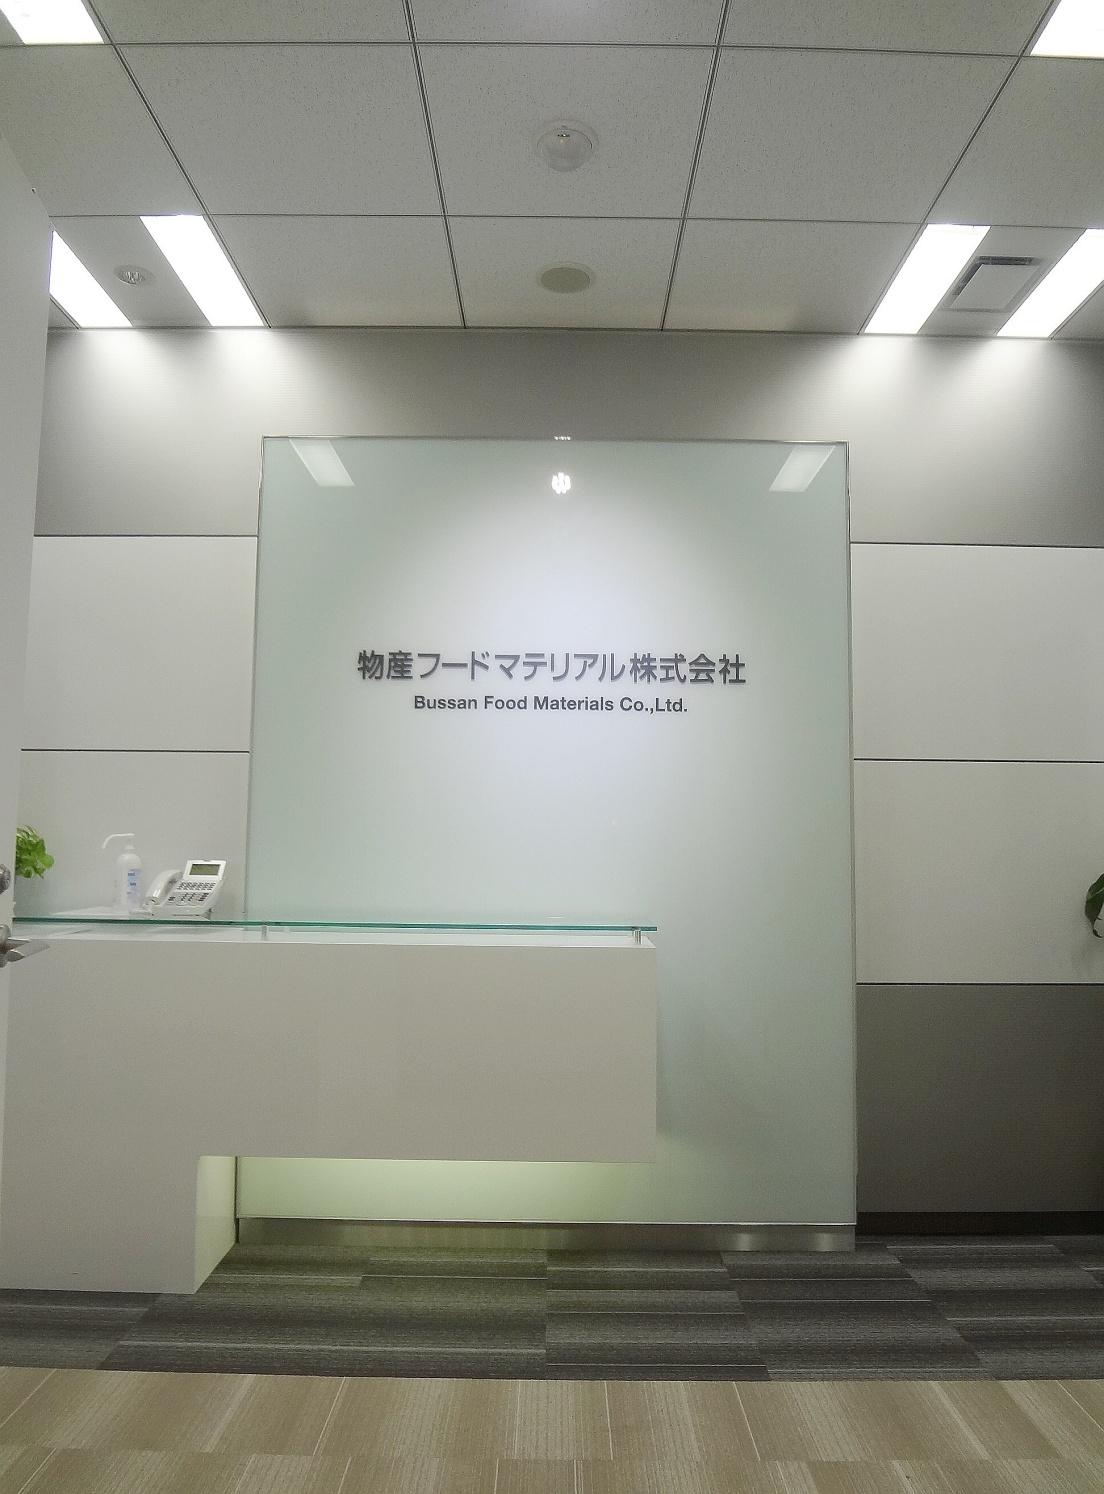 物産フードマテリアル株式会社様 入居工事のアイキャッチ画像